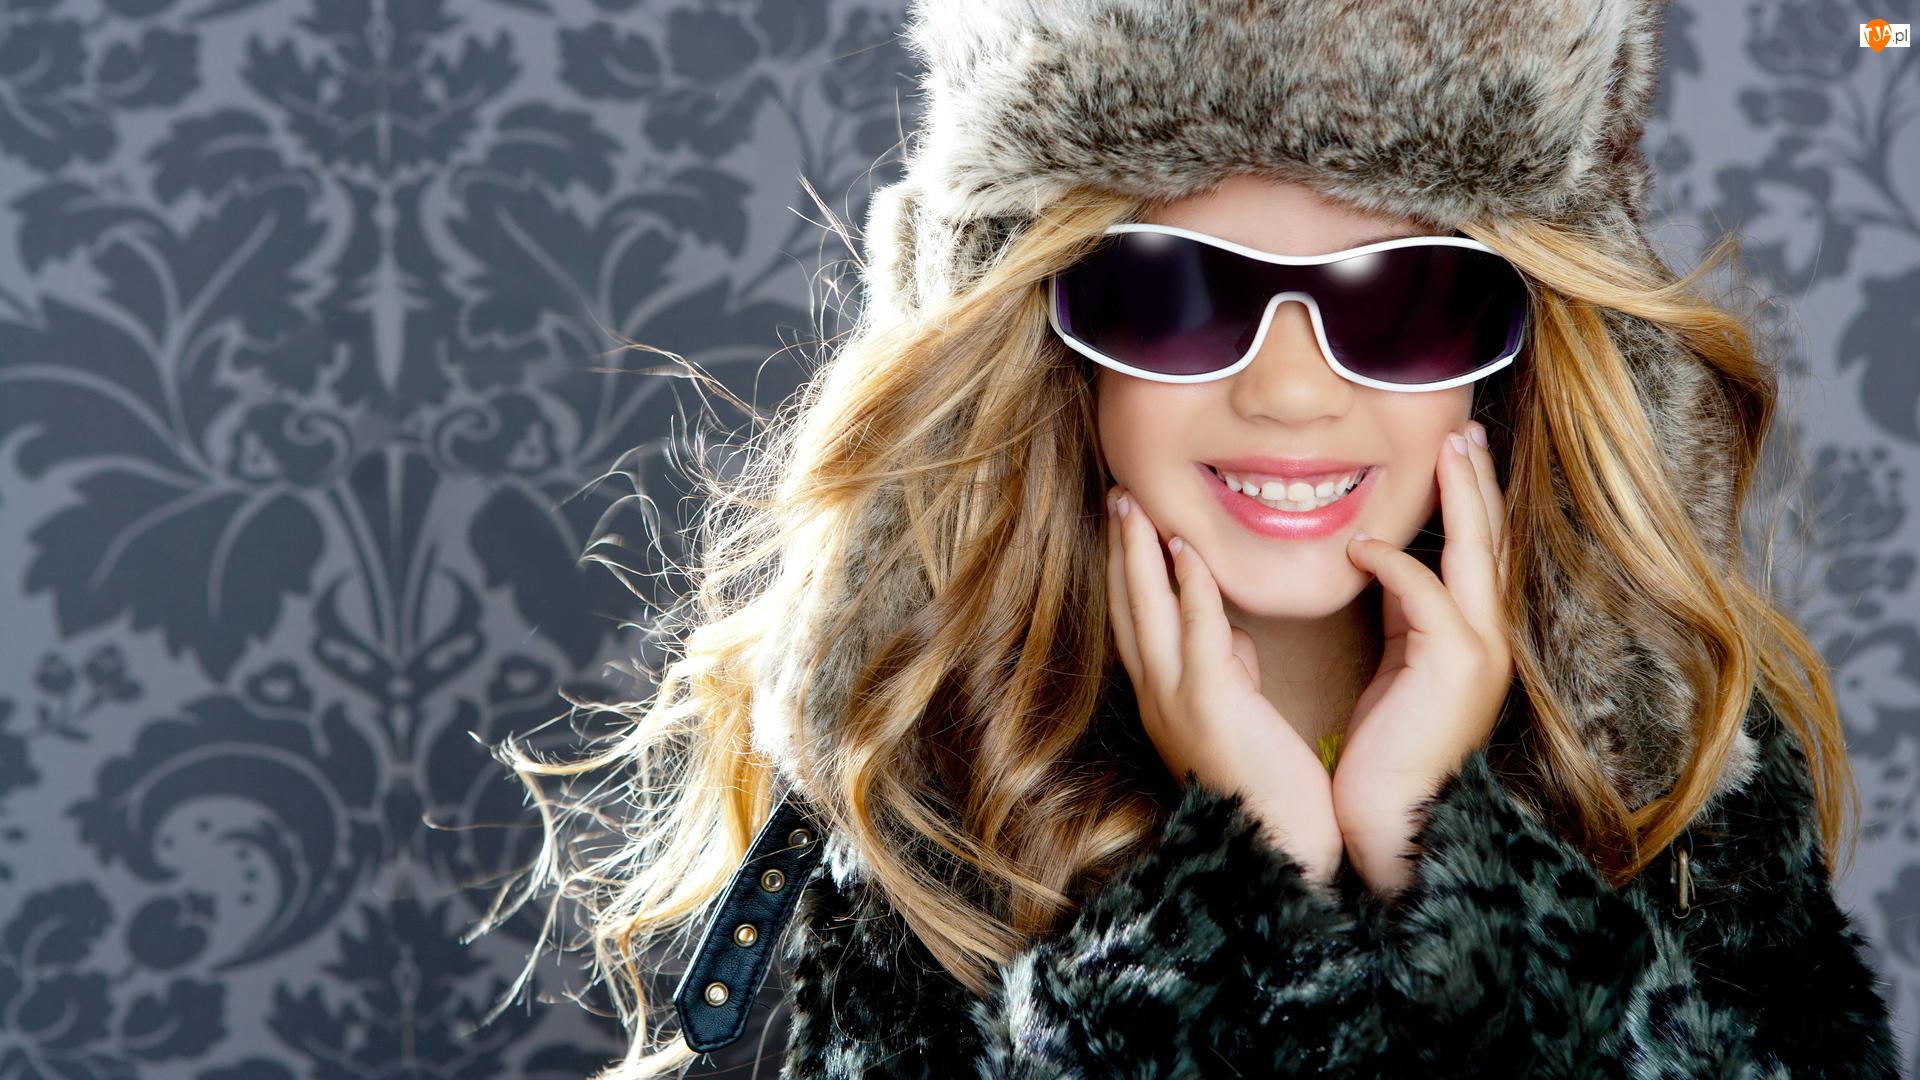 Zimowa, Dziewczynka, Futro, Przeciwsłoneczne, Czapka, Okulary